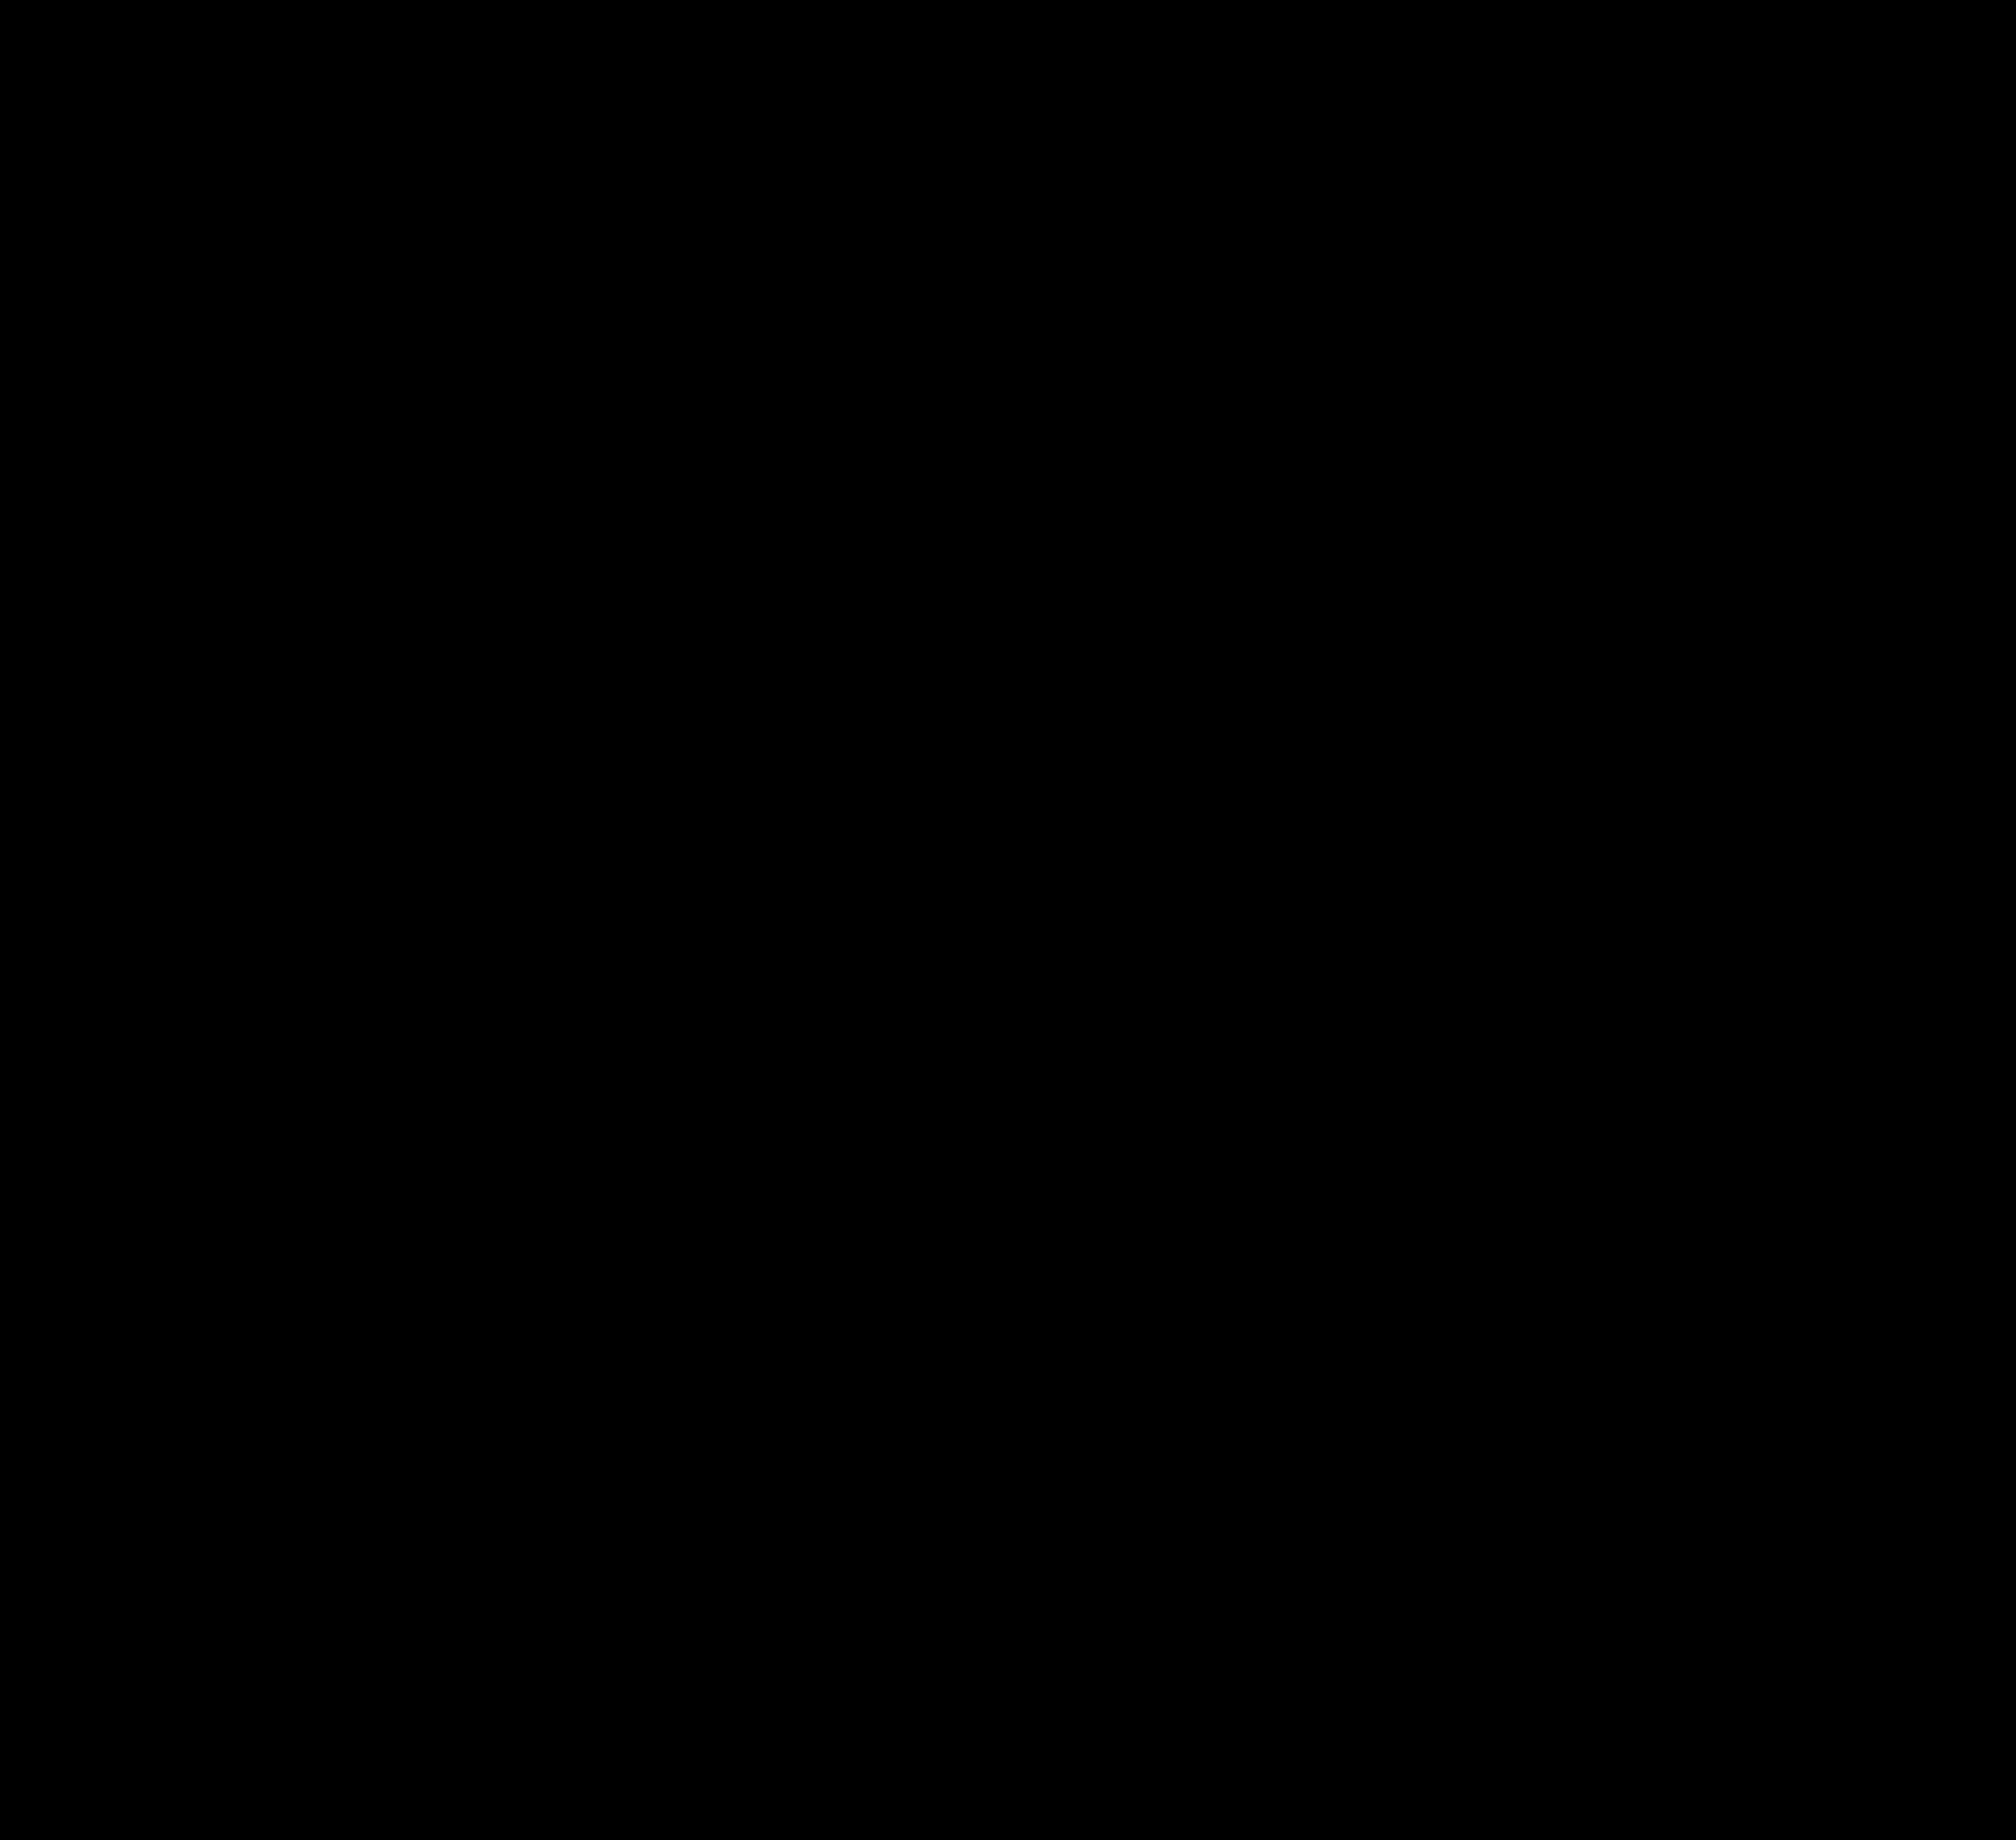 Clipart ball waterpolo. Water polo clip art